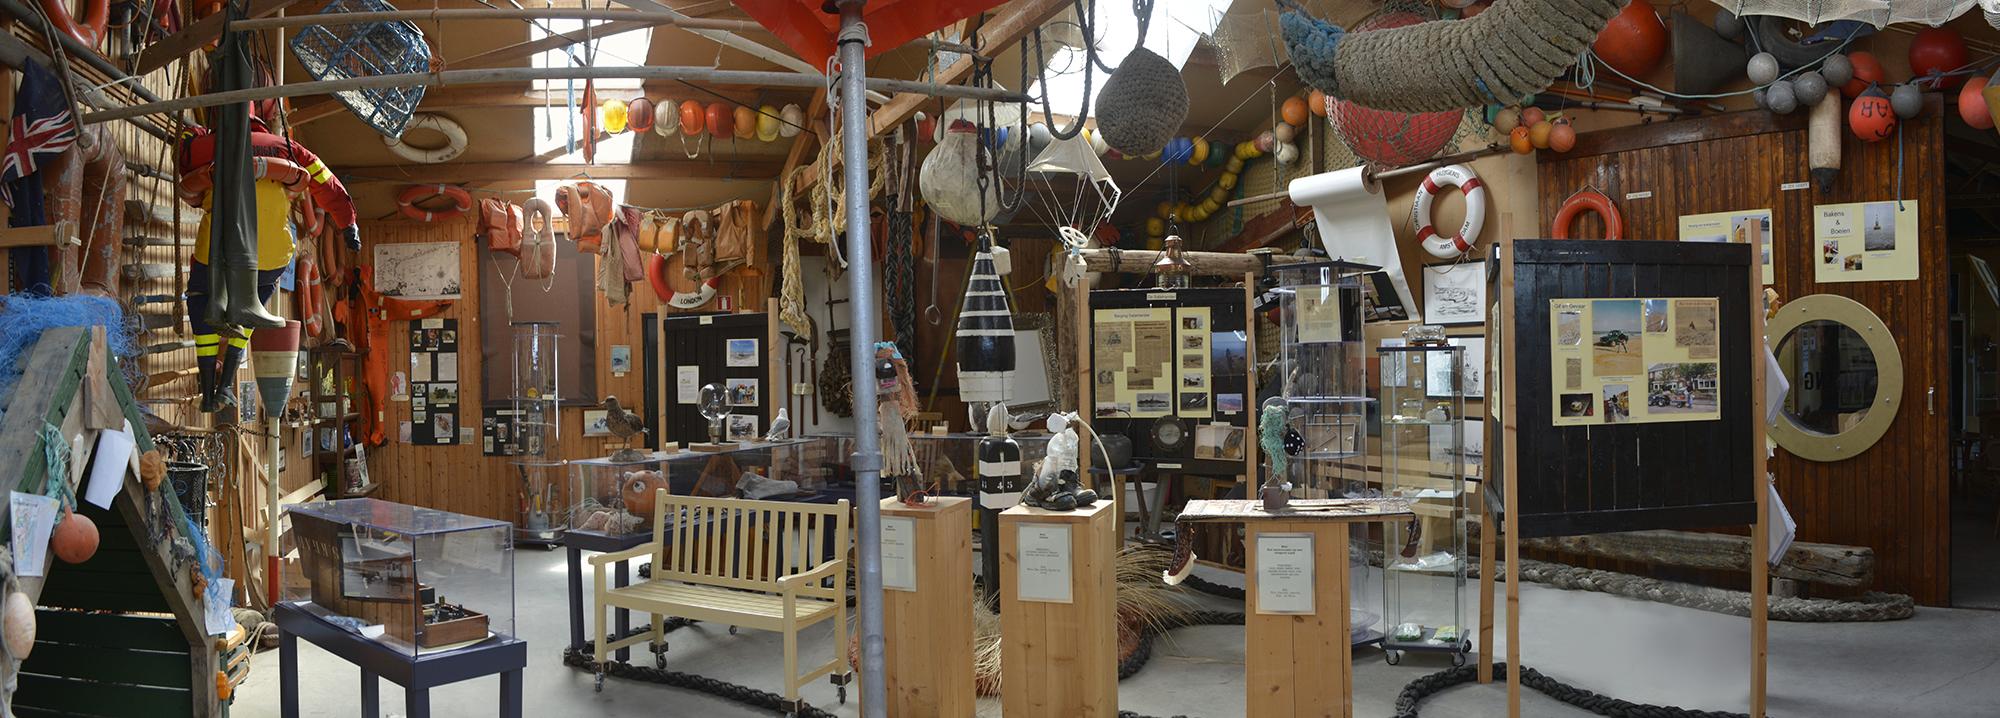 Museumruimte